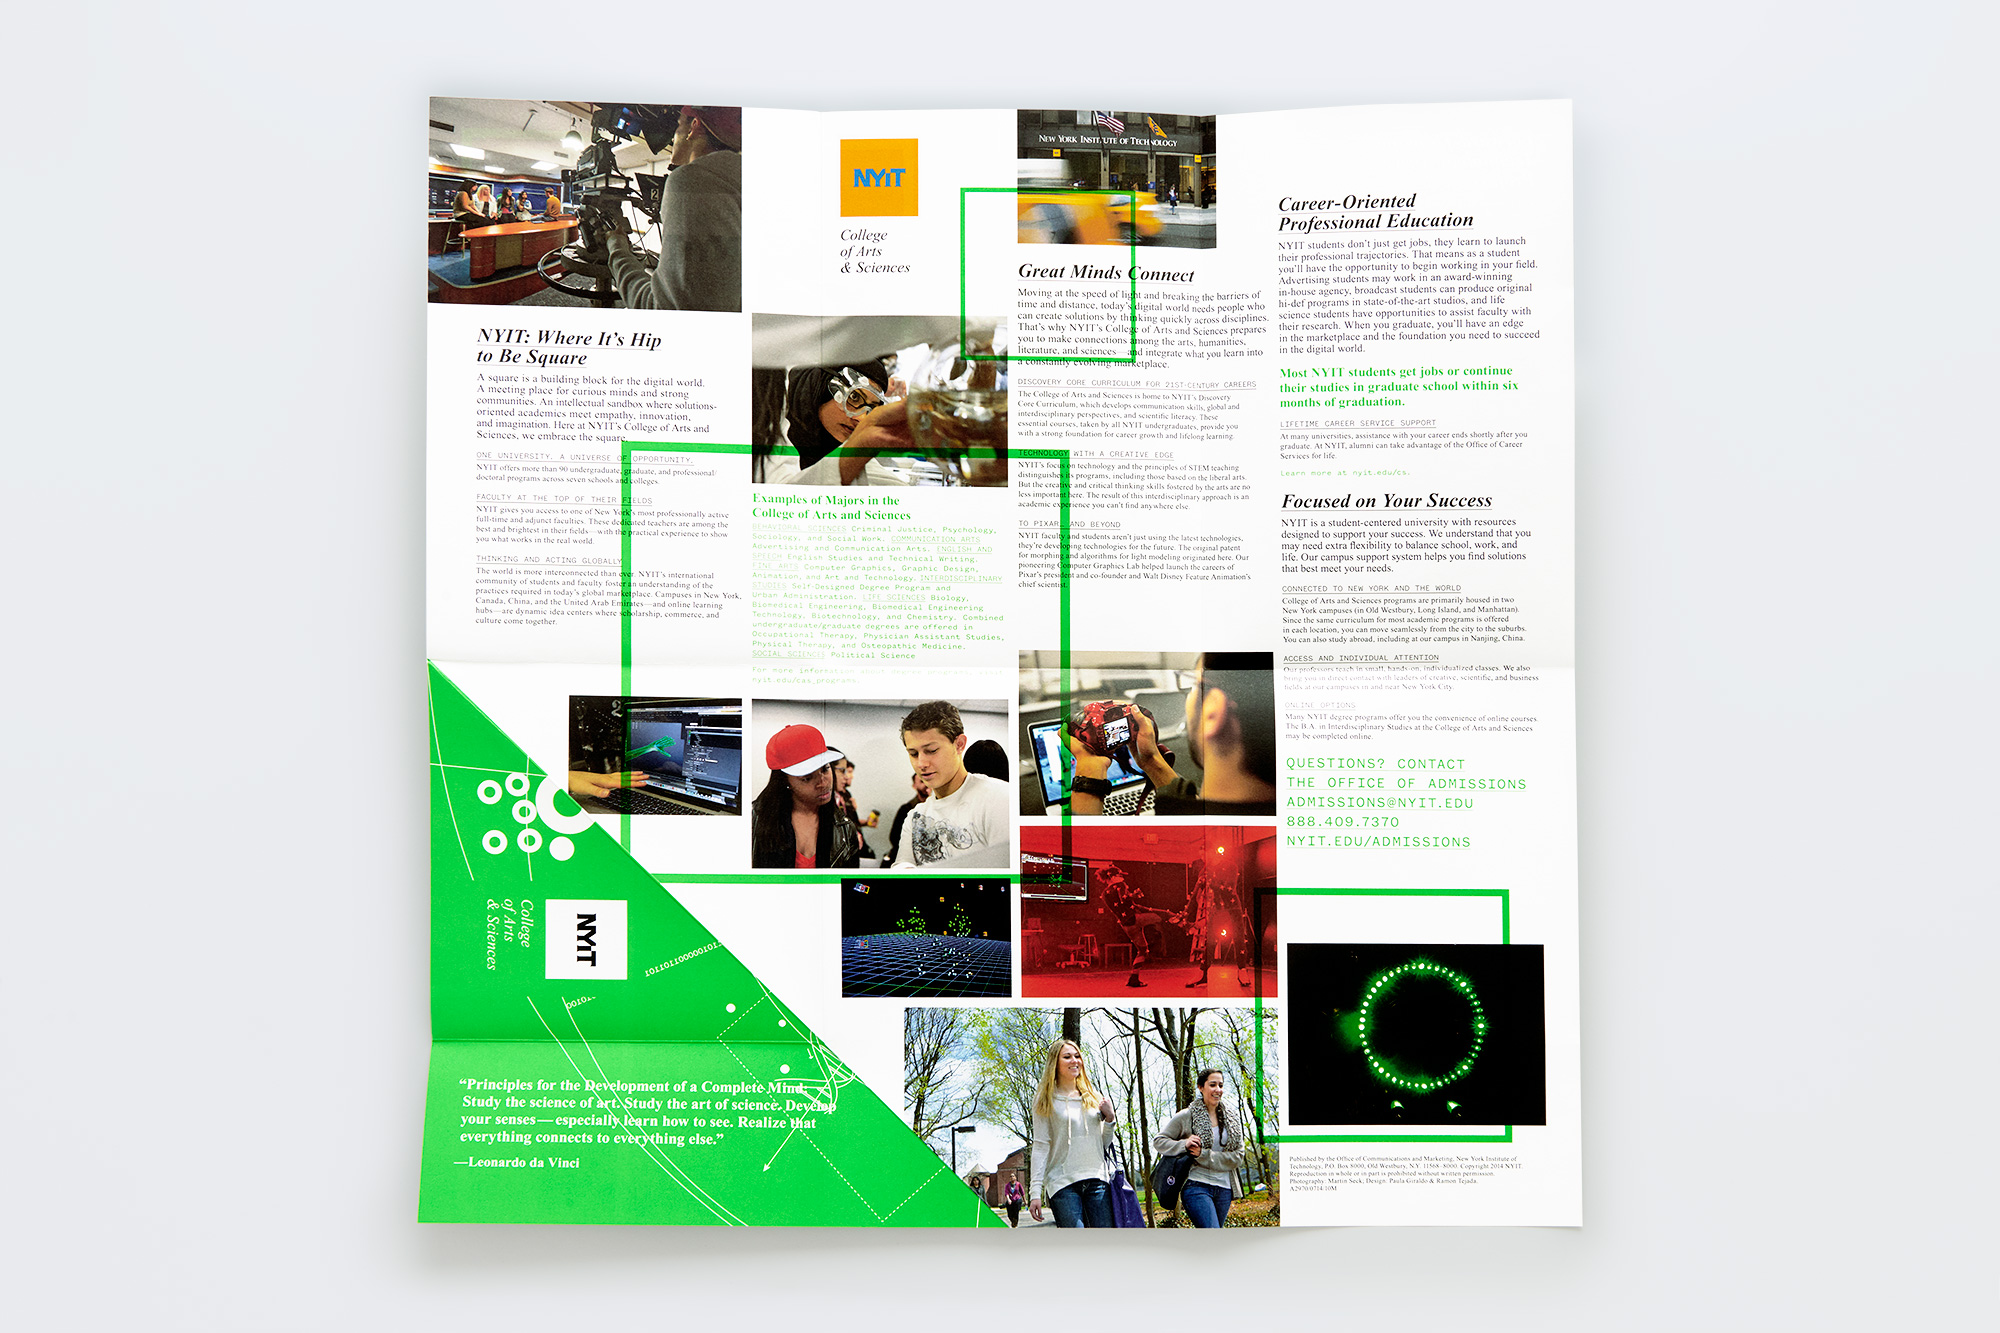 Paula_Giraldo_NYIT_Brochures_3.jpg